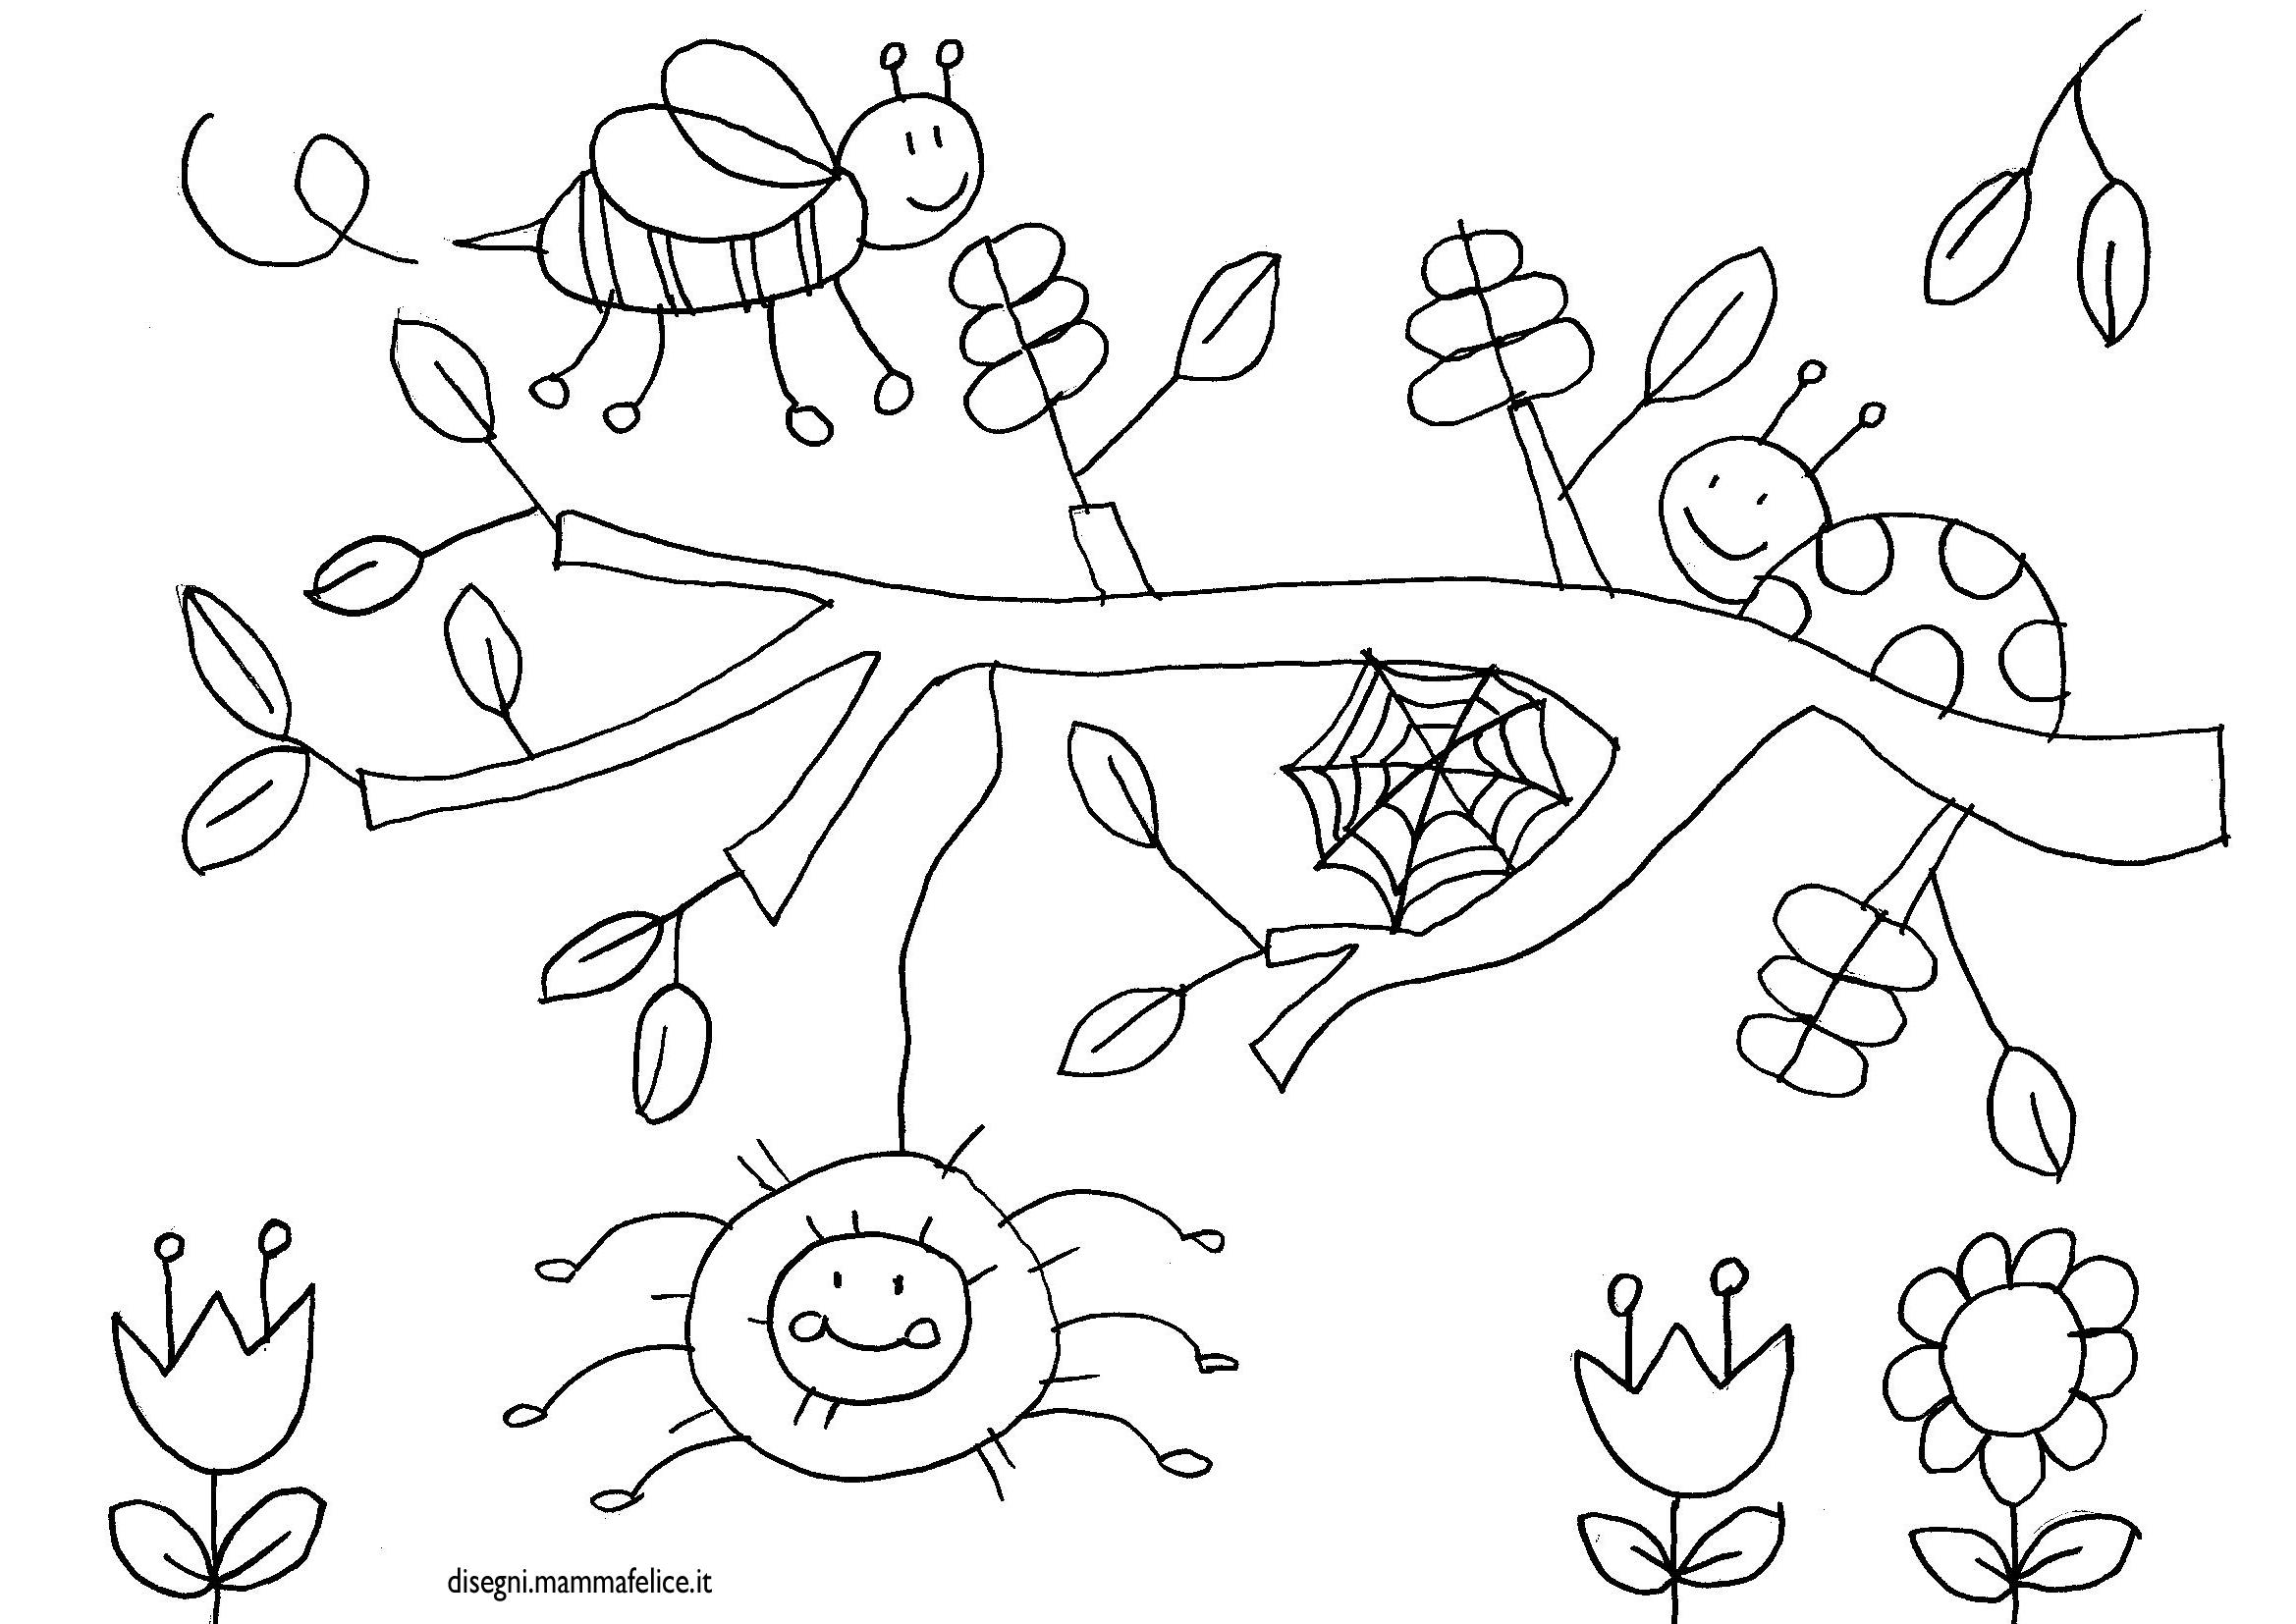 disegno-da-colorare-bambini-ragno-coccinella-albero-ramoscello-natura